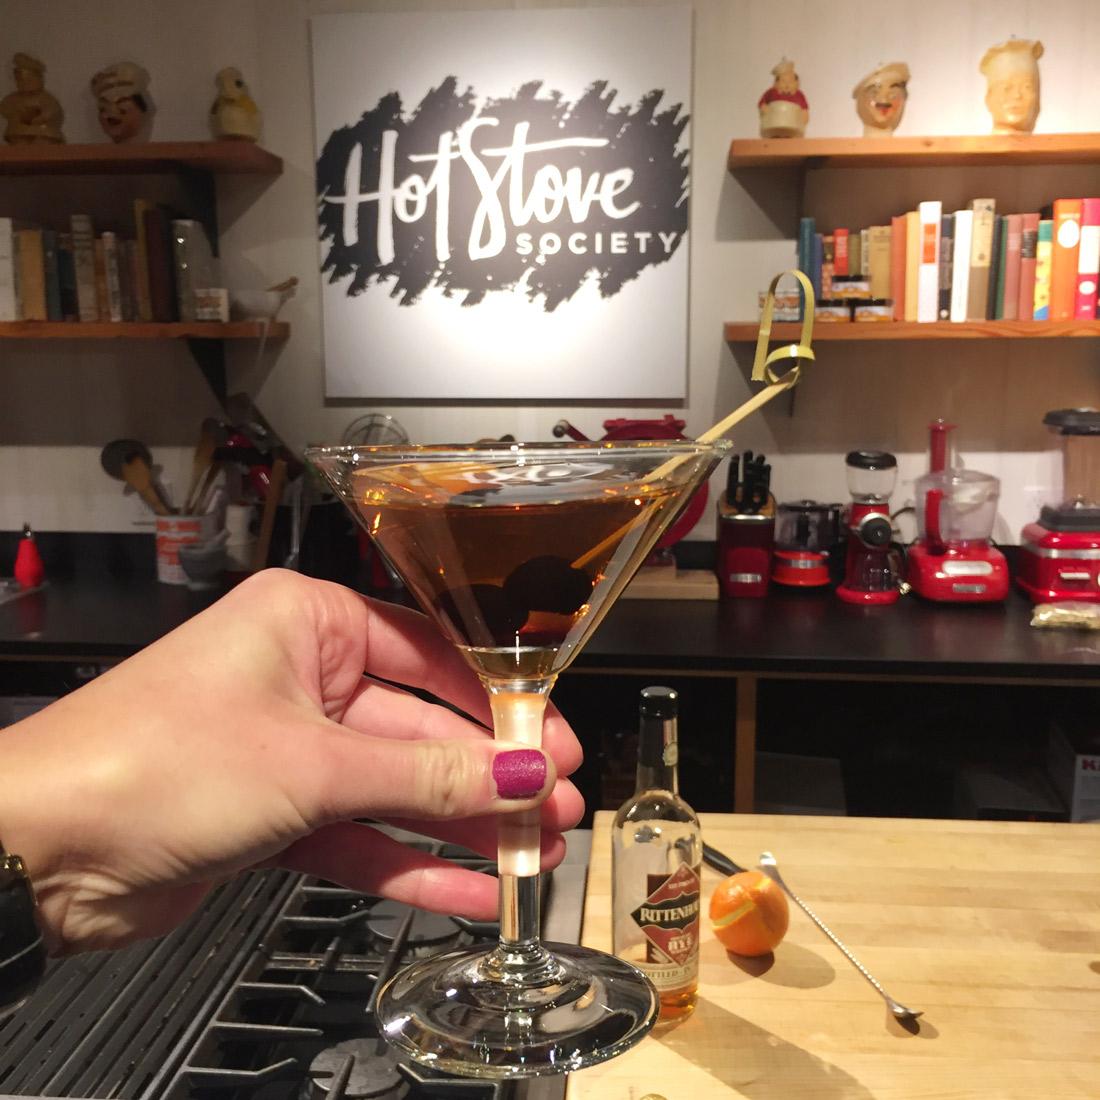 bag-at-you-hot-stove-society-manhattan-cocktail